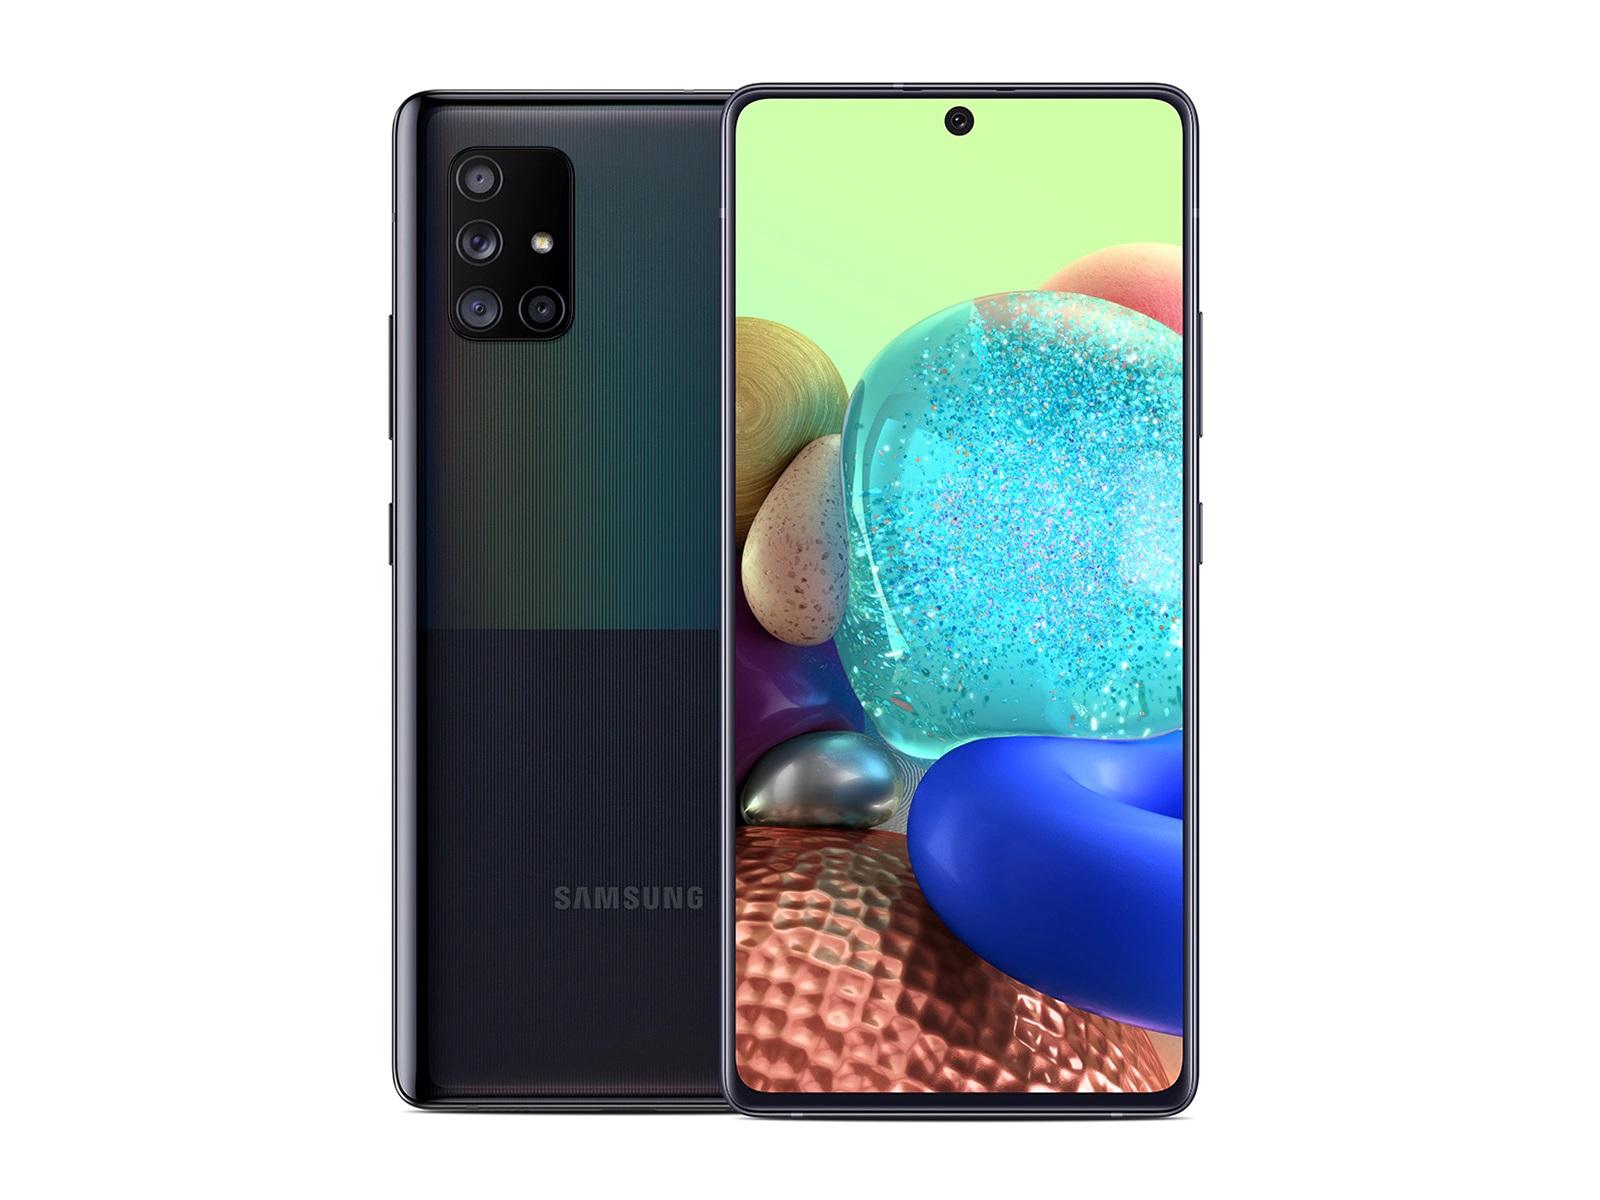 المواصفات الكاملة لهاتف Samsung Galaxy A71 5G UW